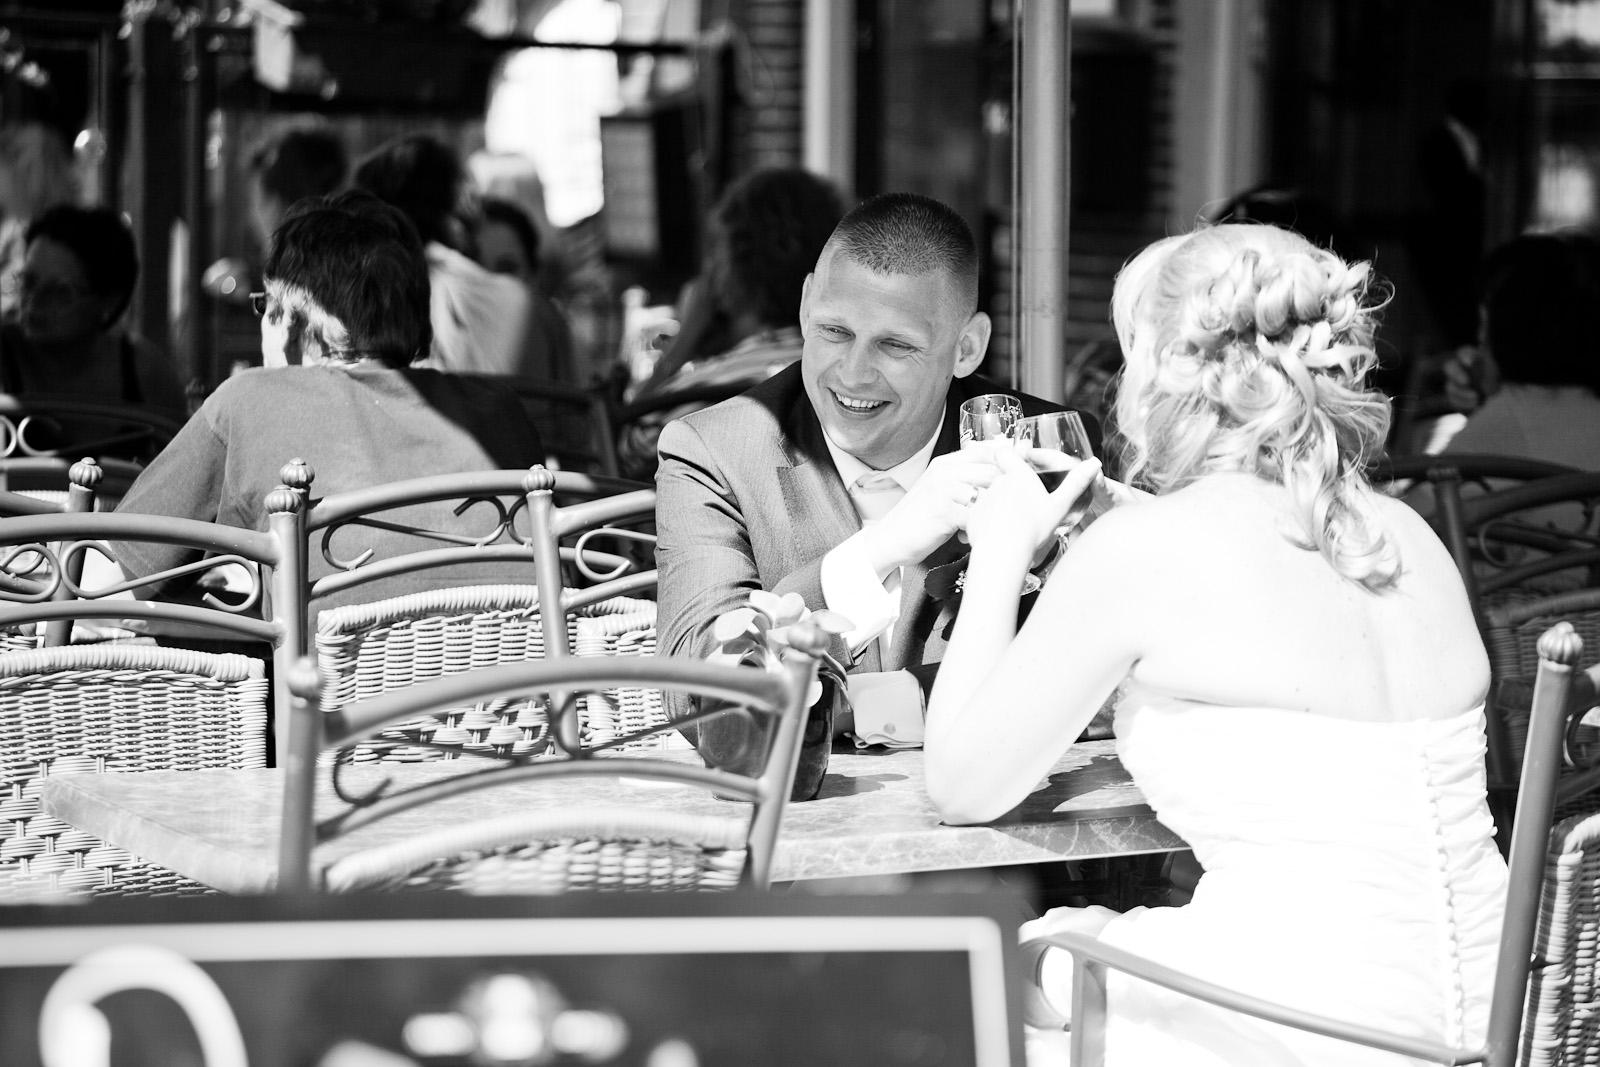 trouwshoot-bruidsfotografie-trouwfoto-feestfotografie-trouwreportage-Alex en Evelyn528.jpg